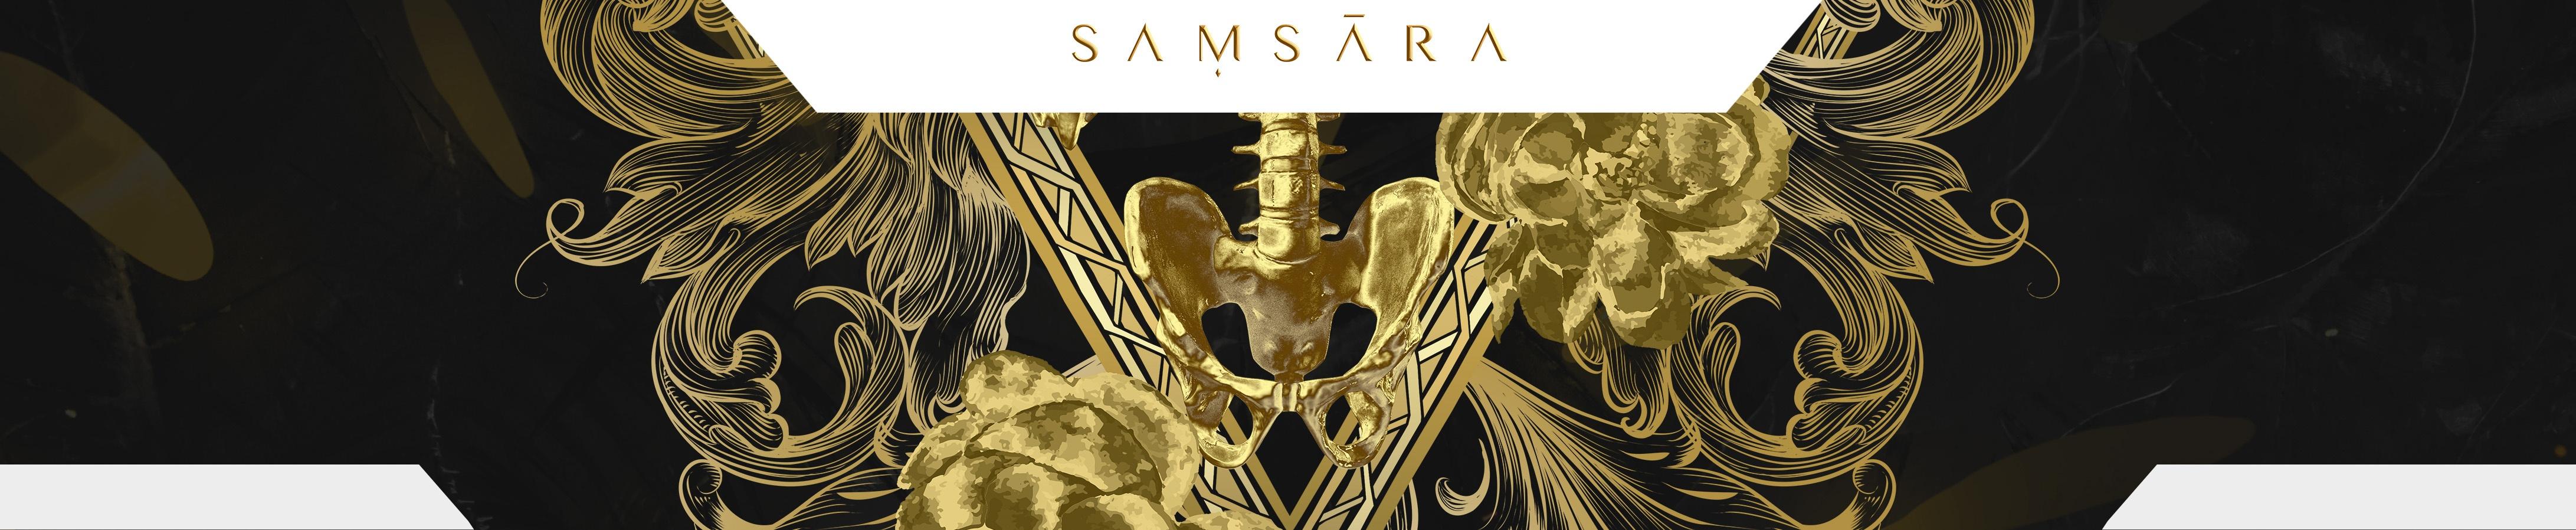 SamsaraLSD Cover